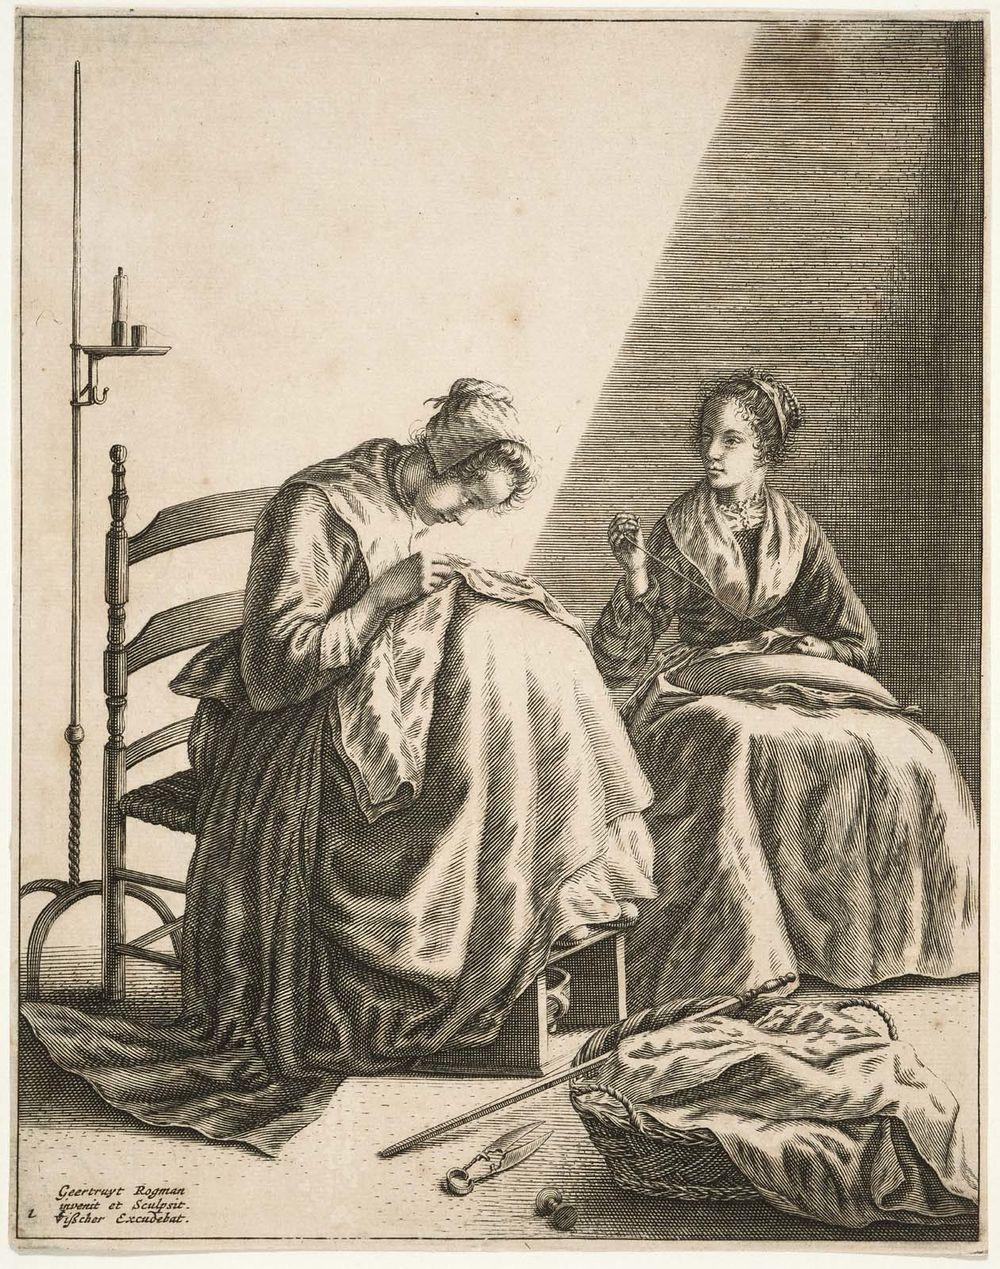 geertruydt-roghman-two-seamstresses-1648.jpg